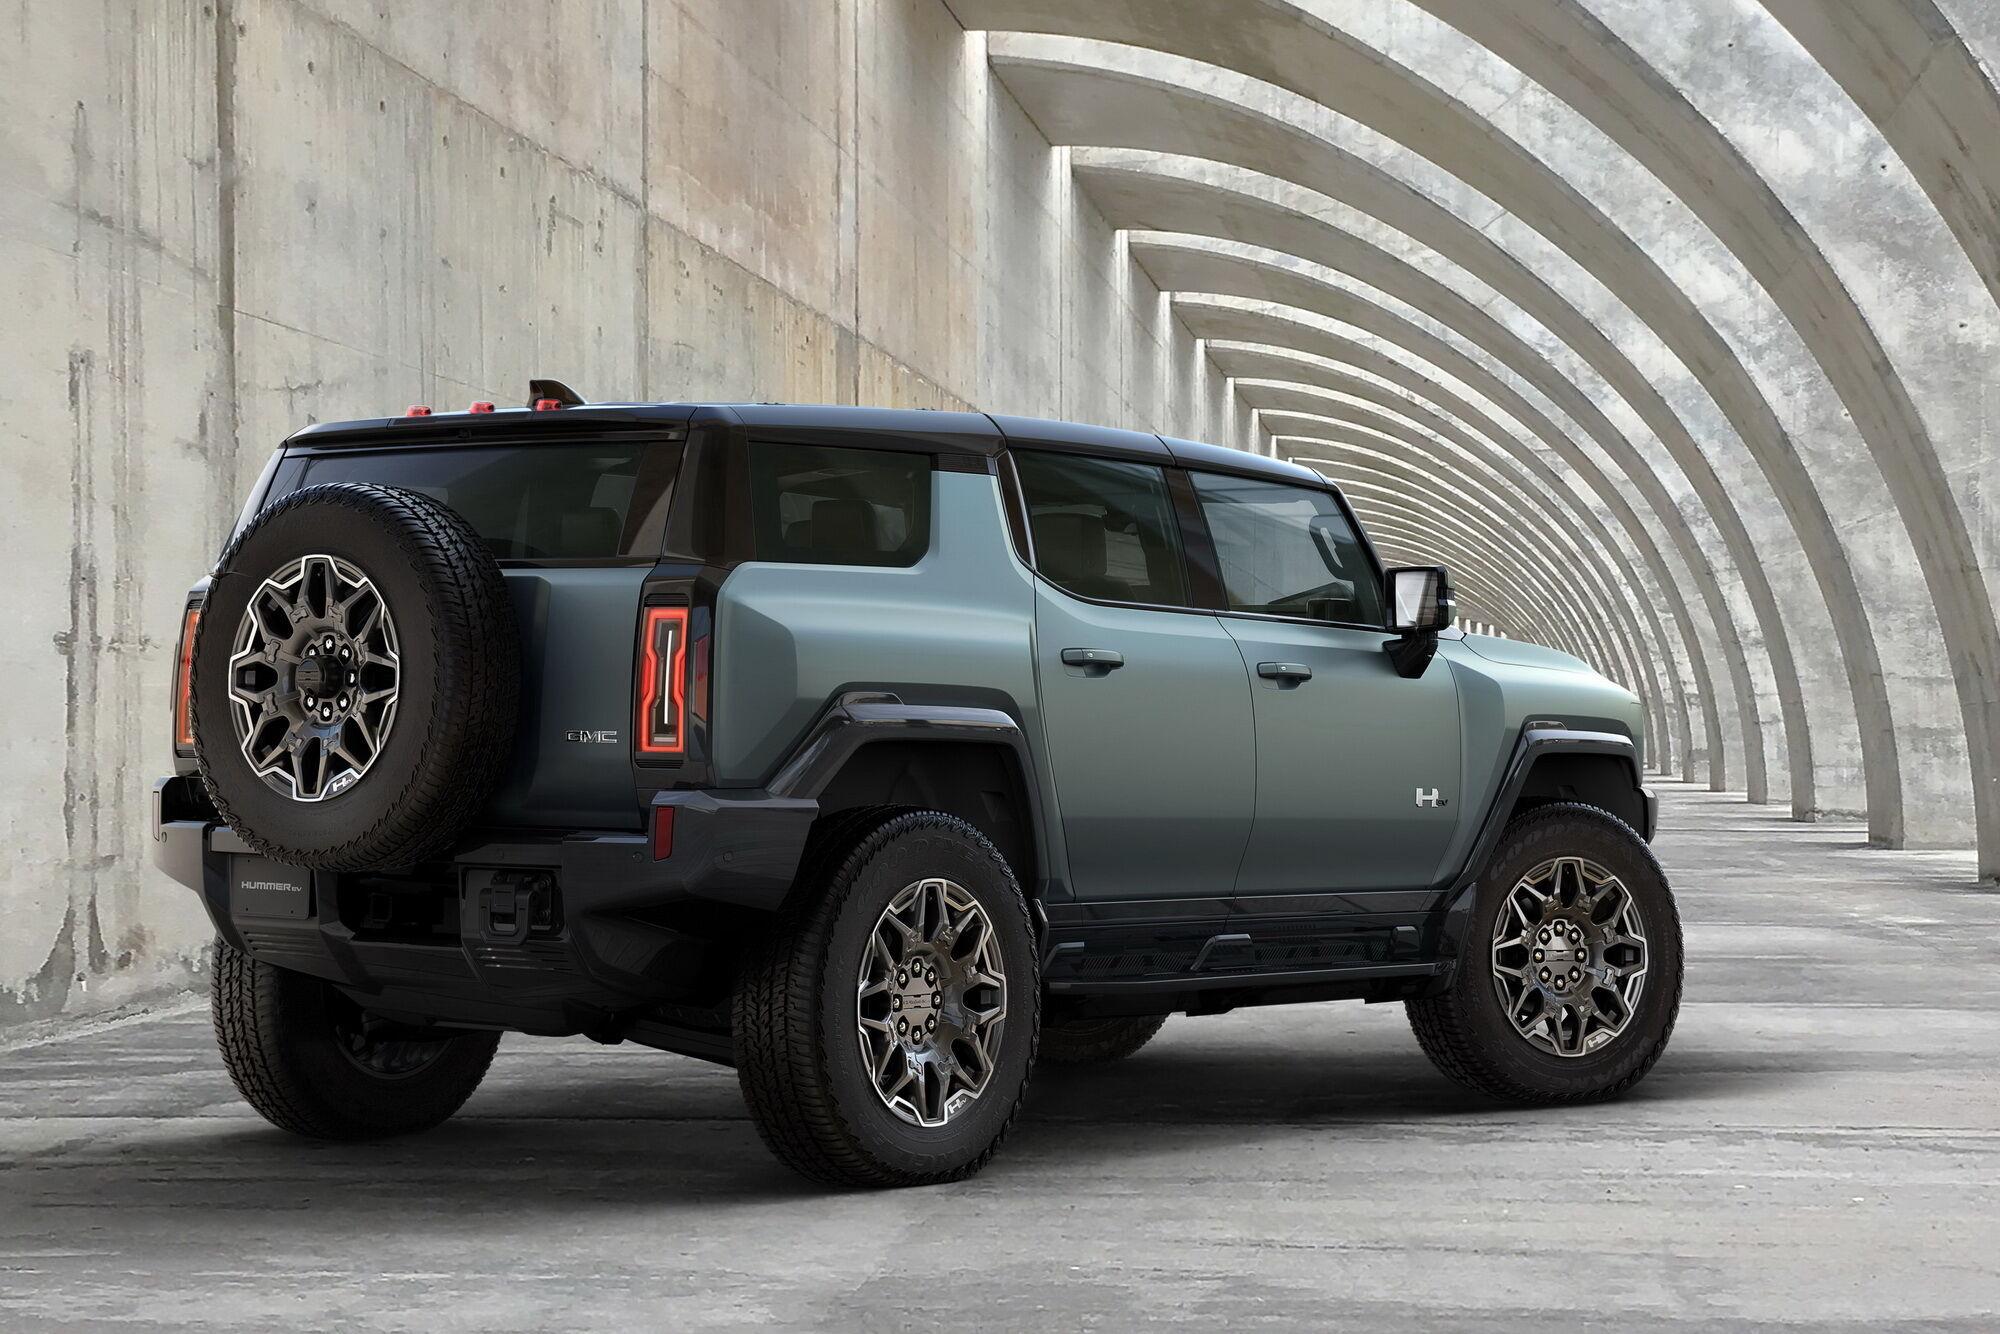 Стоимость SUV в зависимости от модификации – от $79995 до $110595